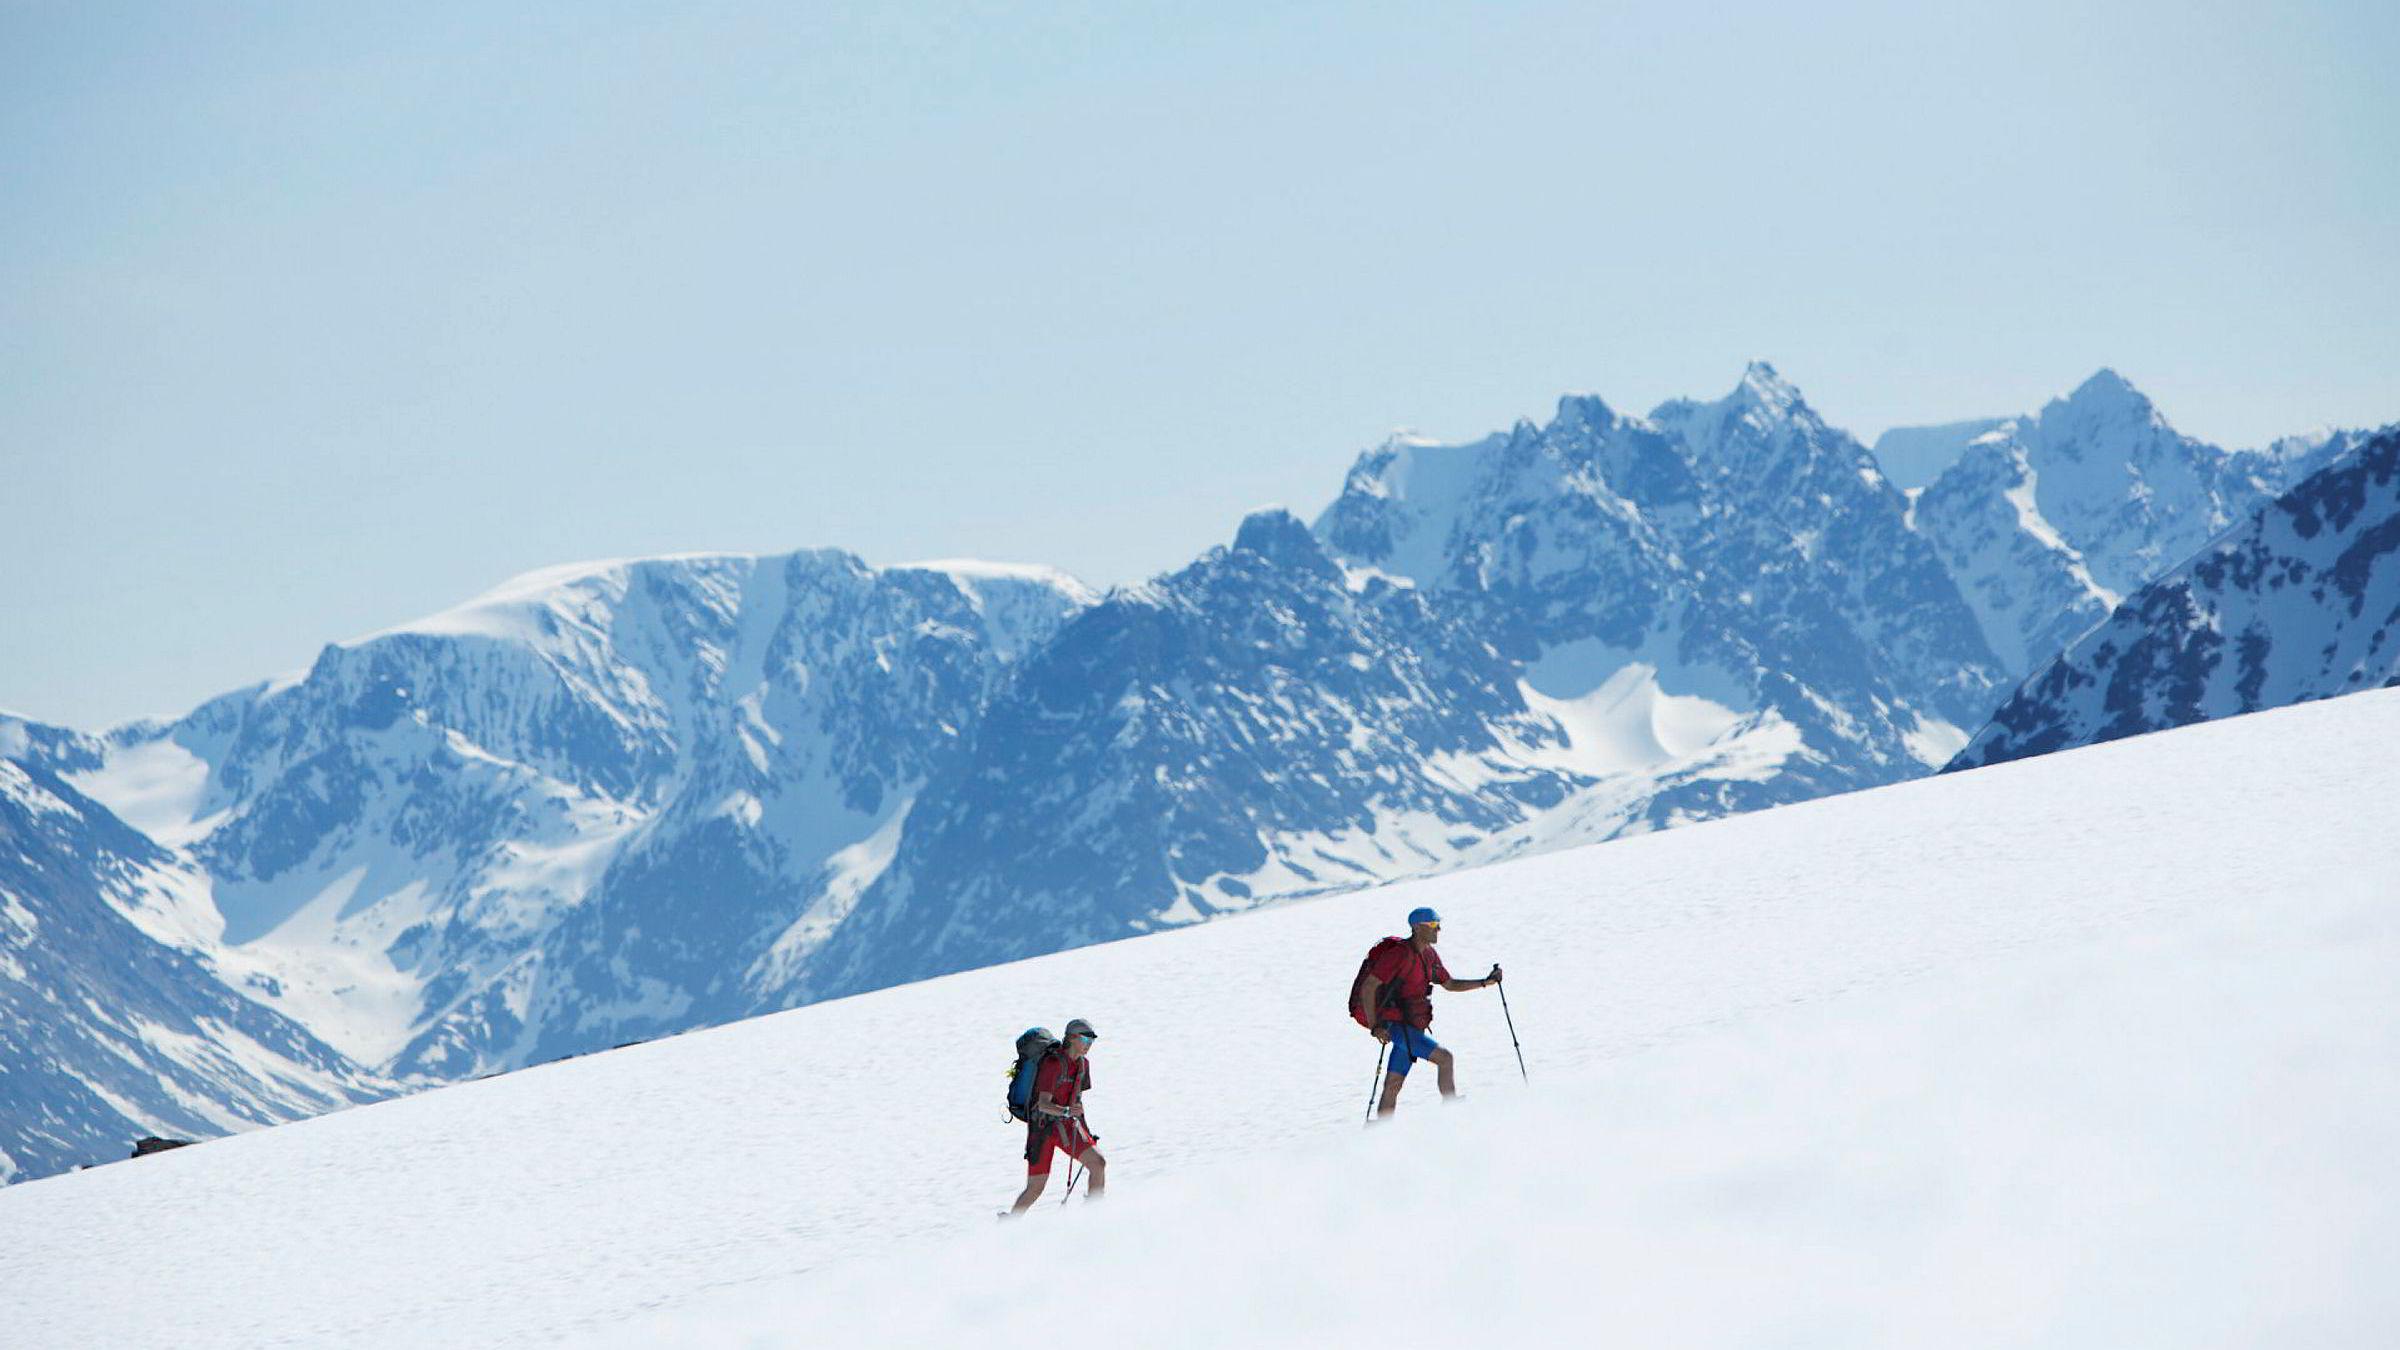 Med Lyngens høyeste topper som tilskuere, går Heidi Berg og Espen Nordahl mot toppen av Stormheimfjellet, uten fare for å bli tatt av snøskred.